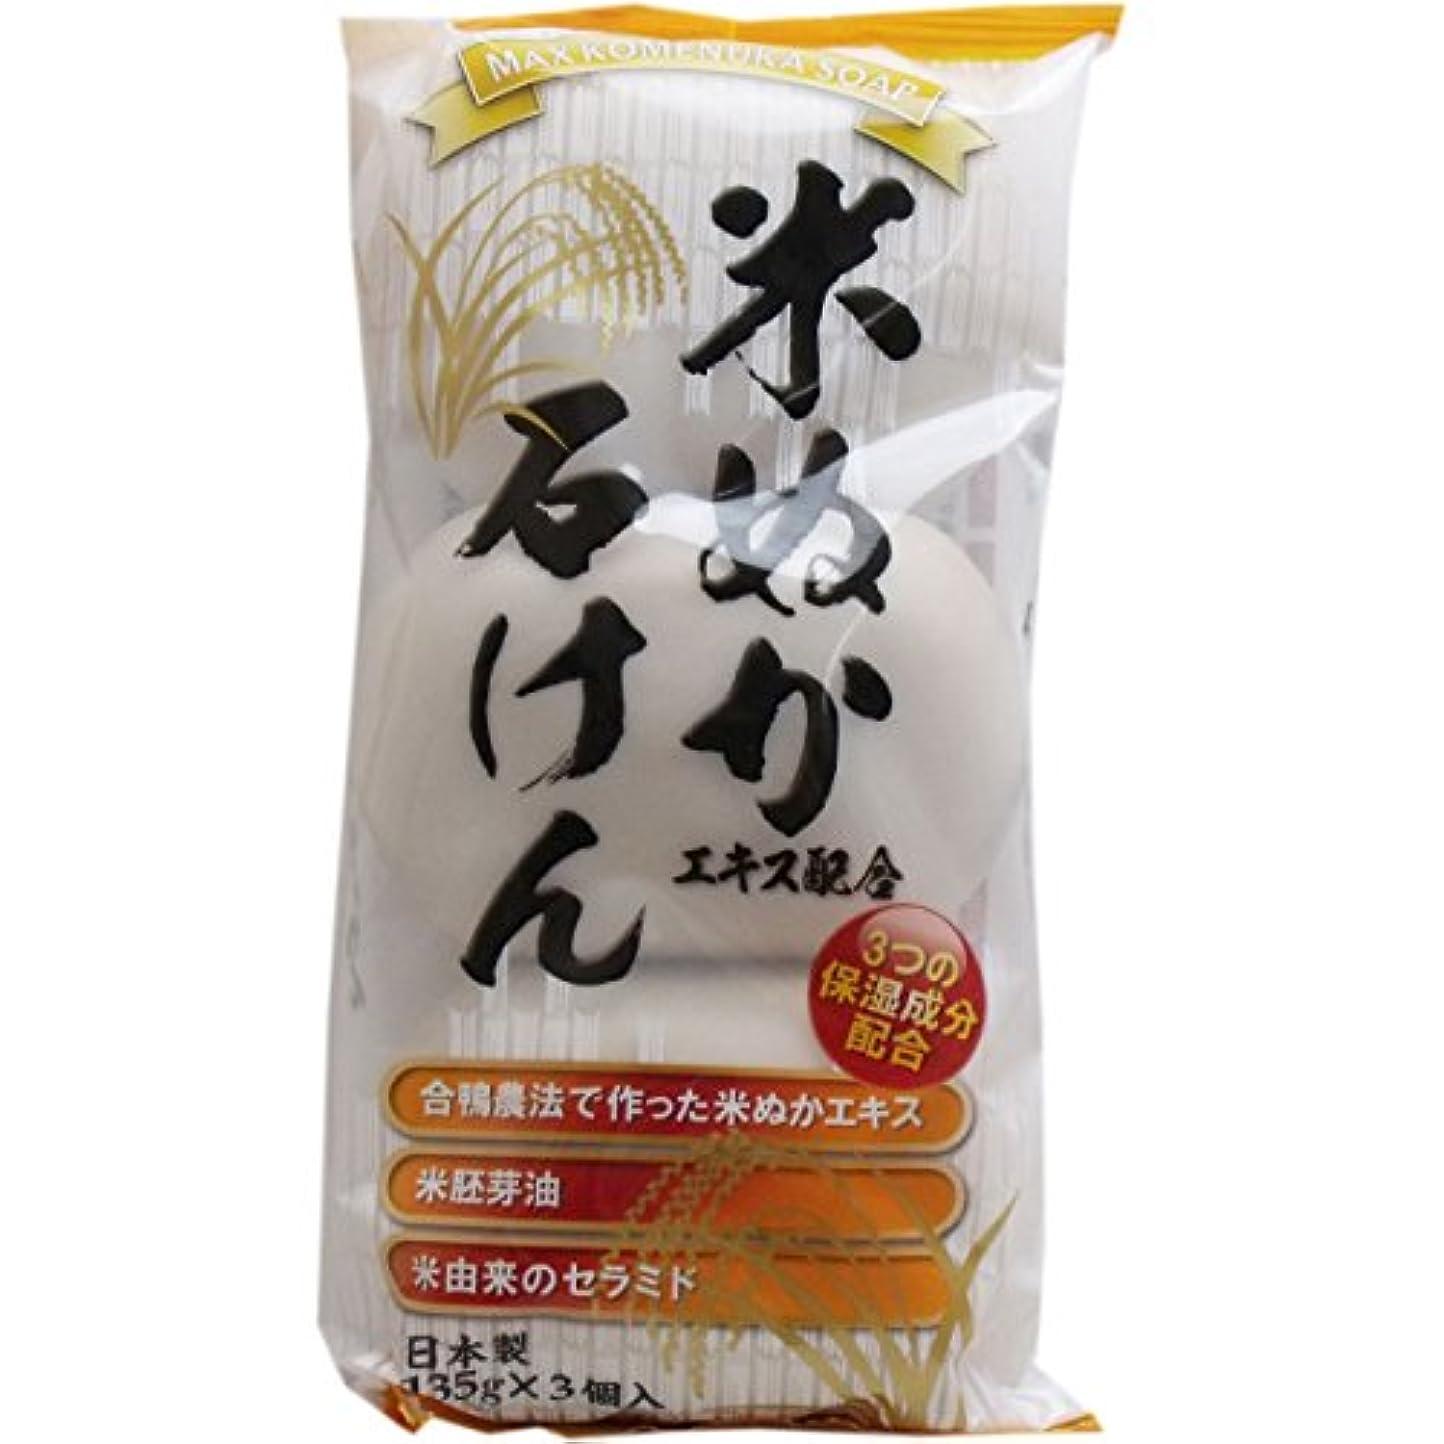 囲まれたどっちでも小康【まとめ買い】米ぬかエキス配合石けん 3個入 ×2セット